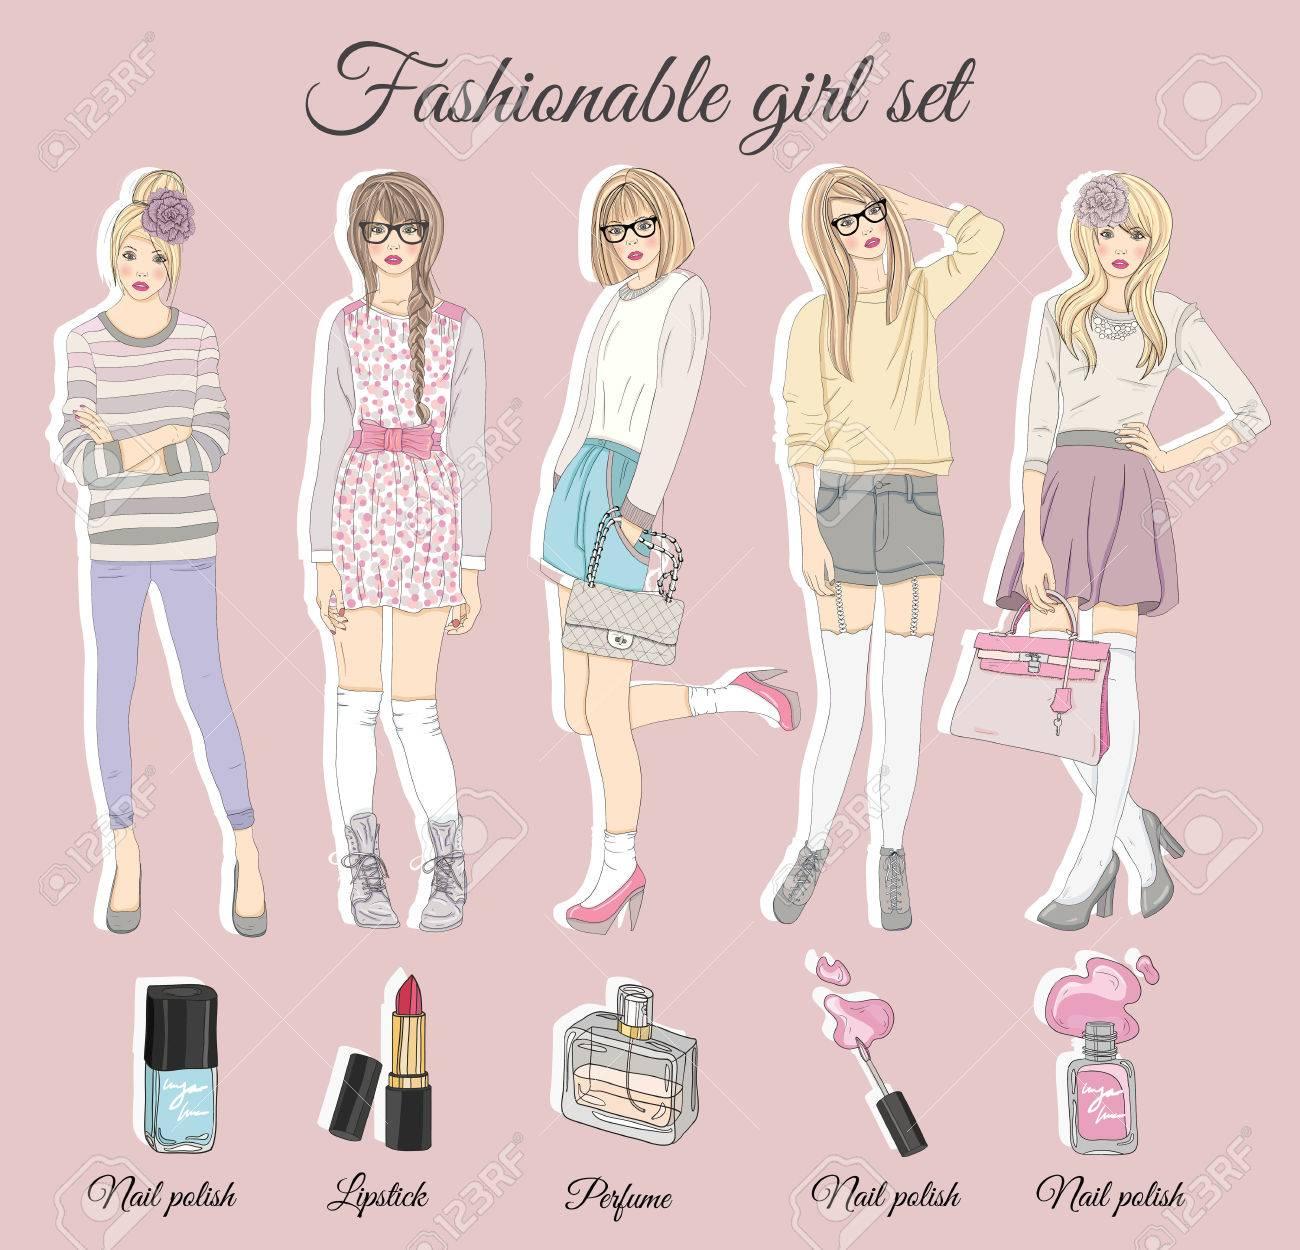 若者のファッションの女の子のイラストベクトルの図ファッションの